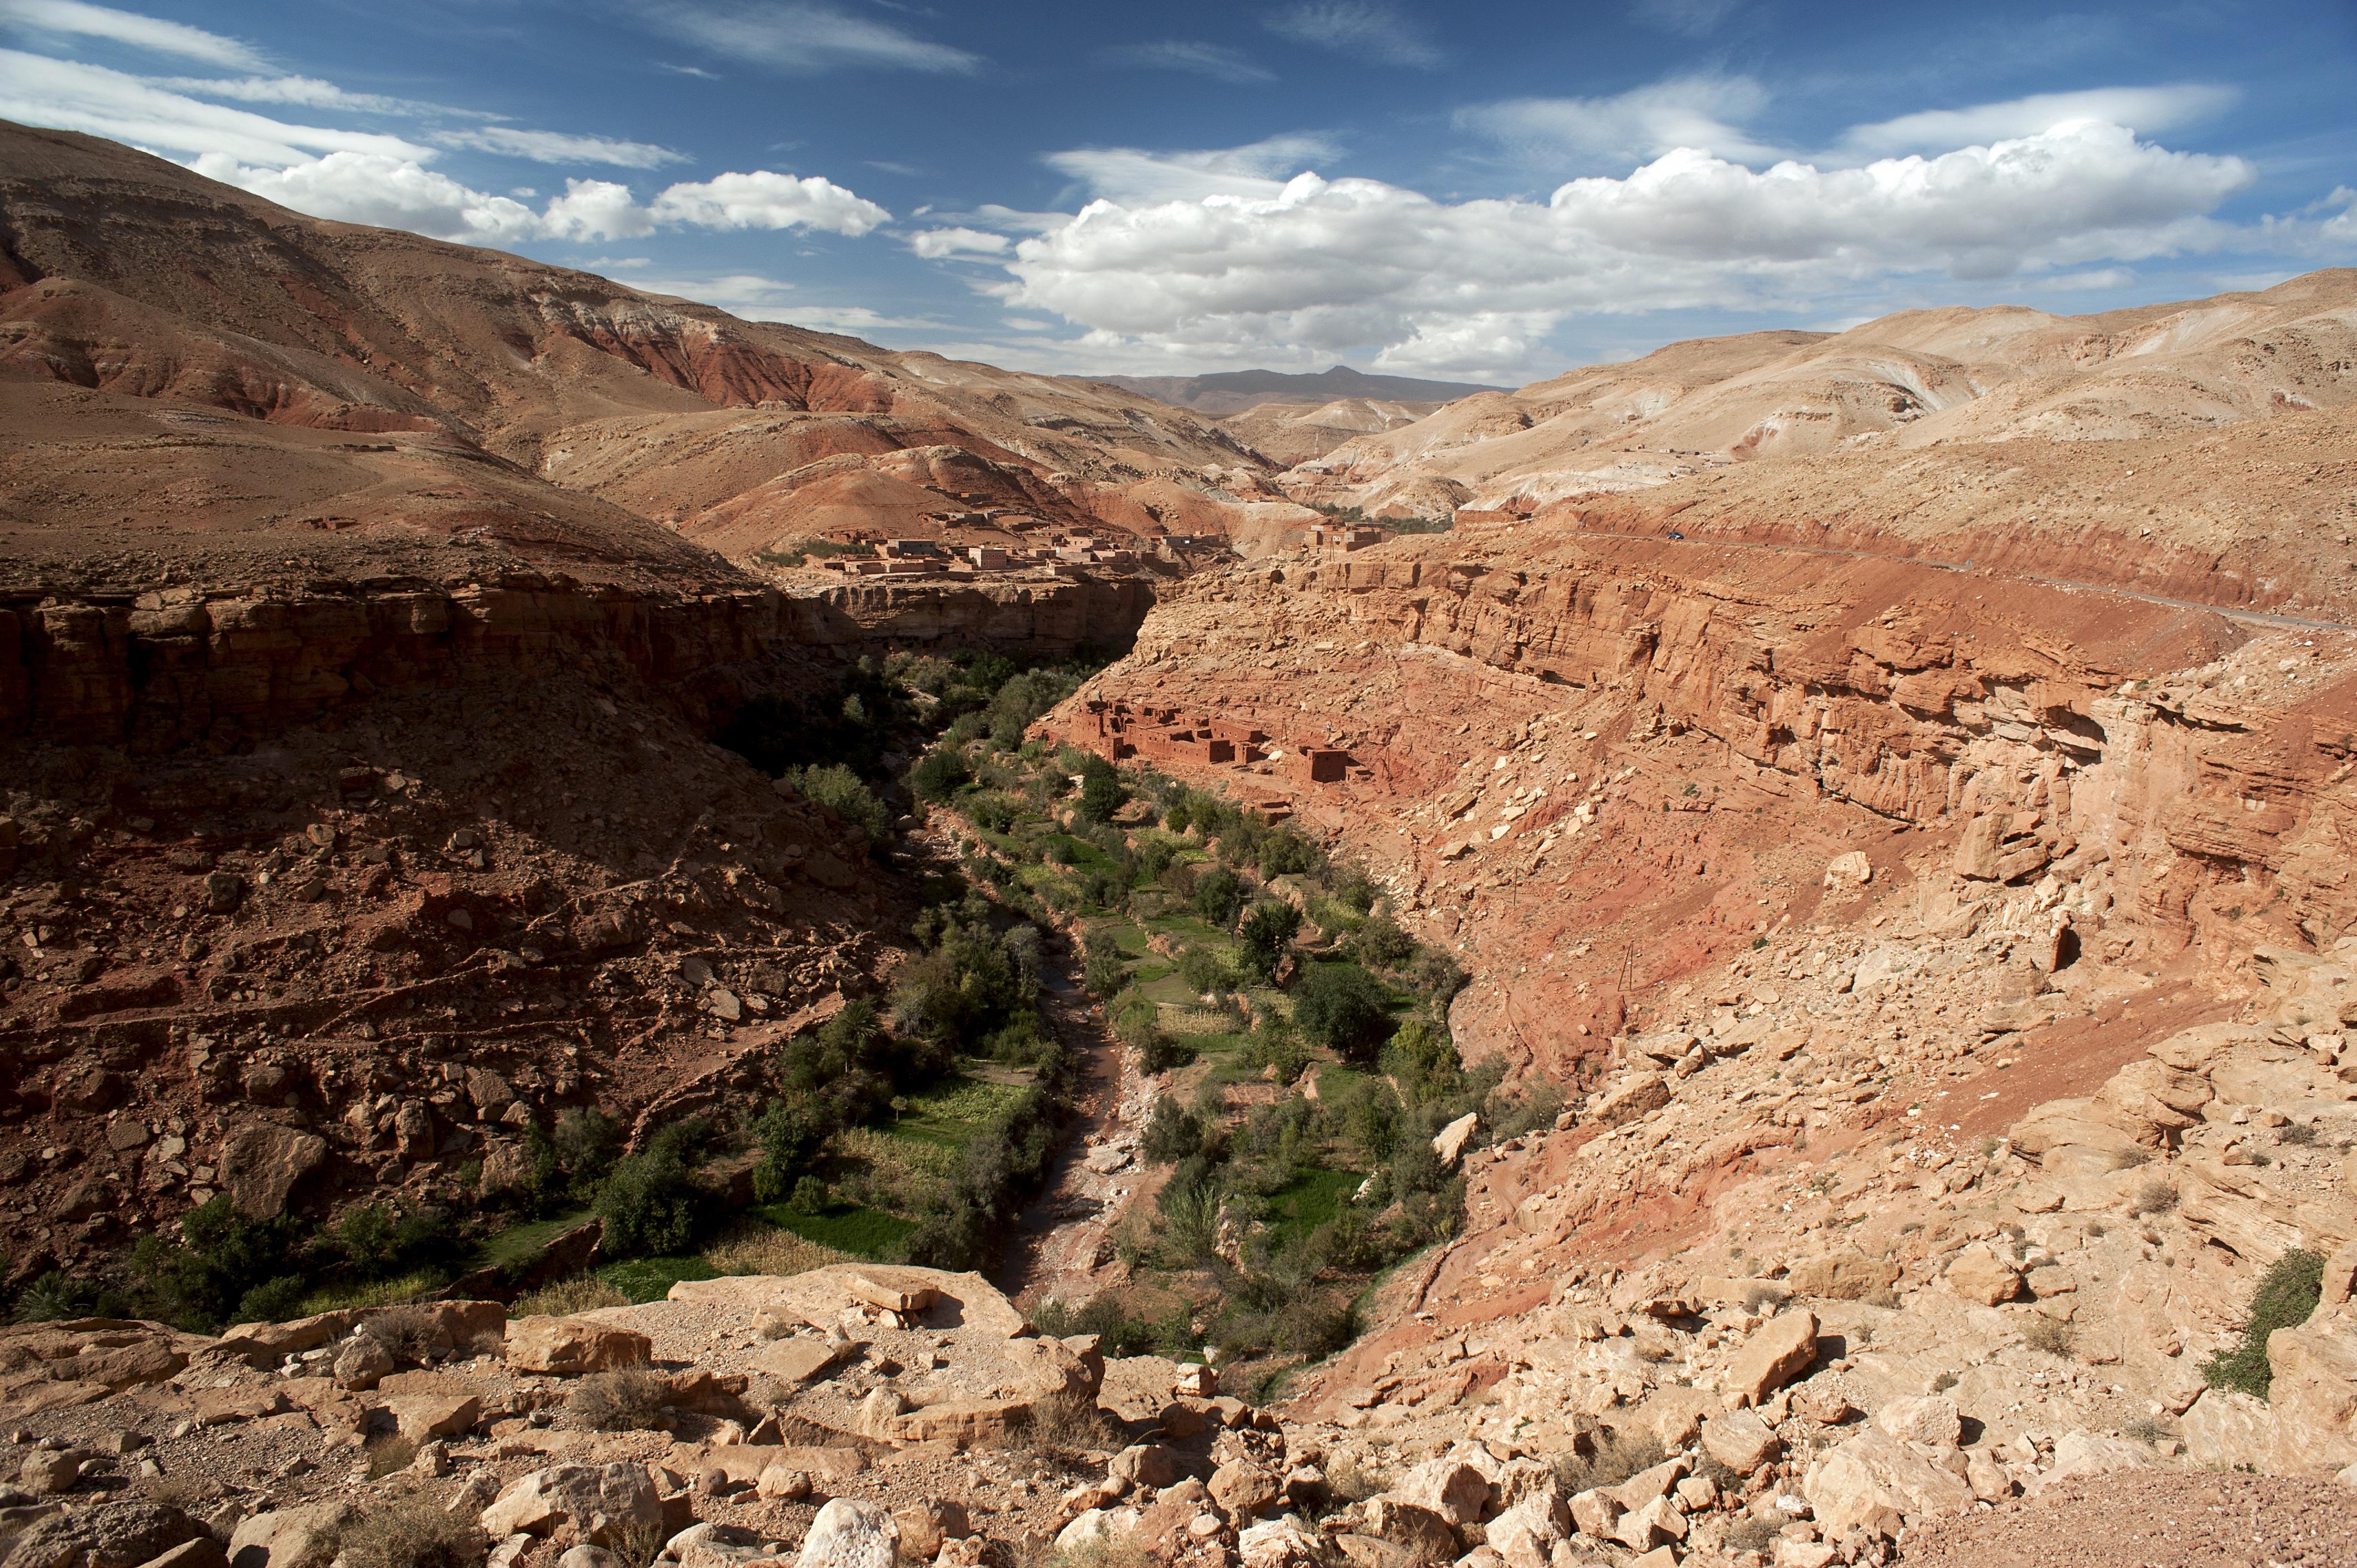 Atlas Mountain valley and desert